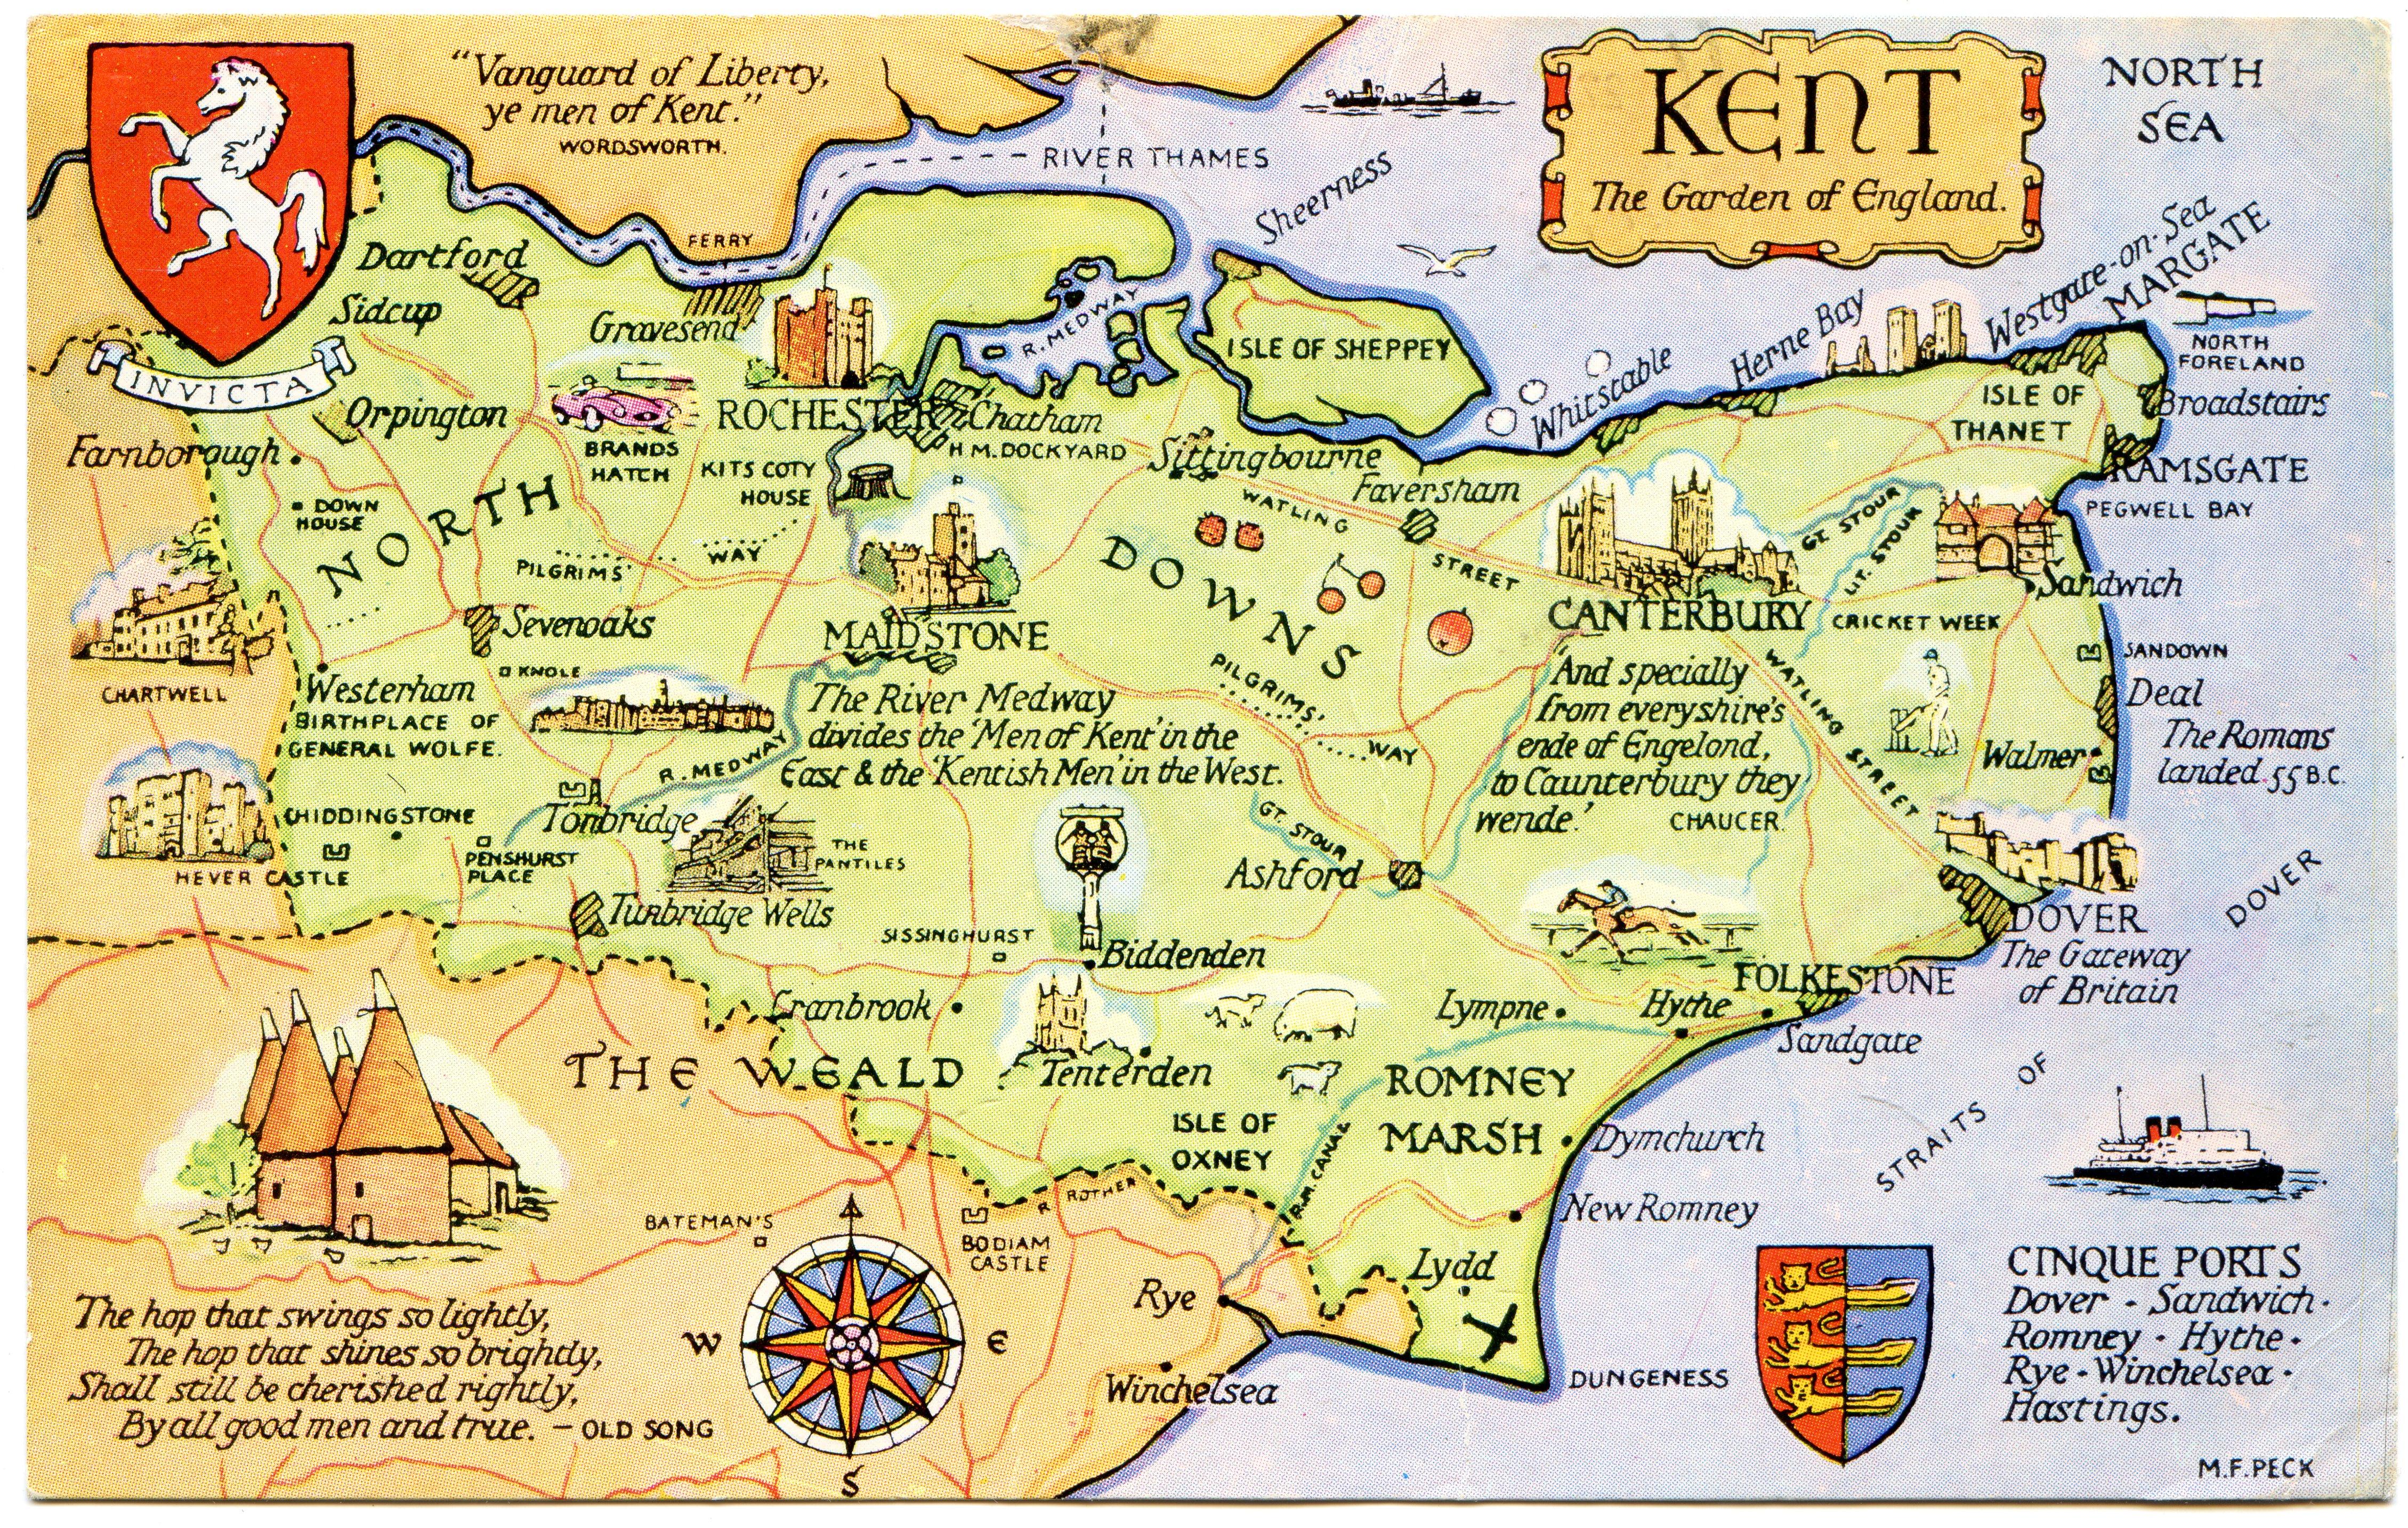 Map of Kent, England